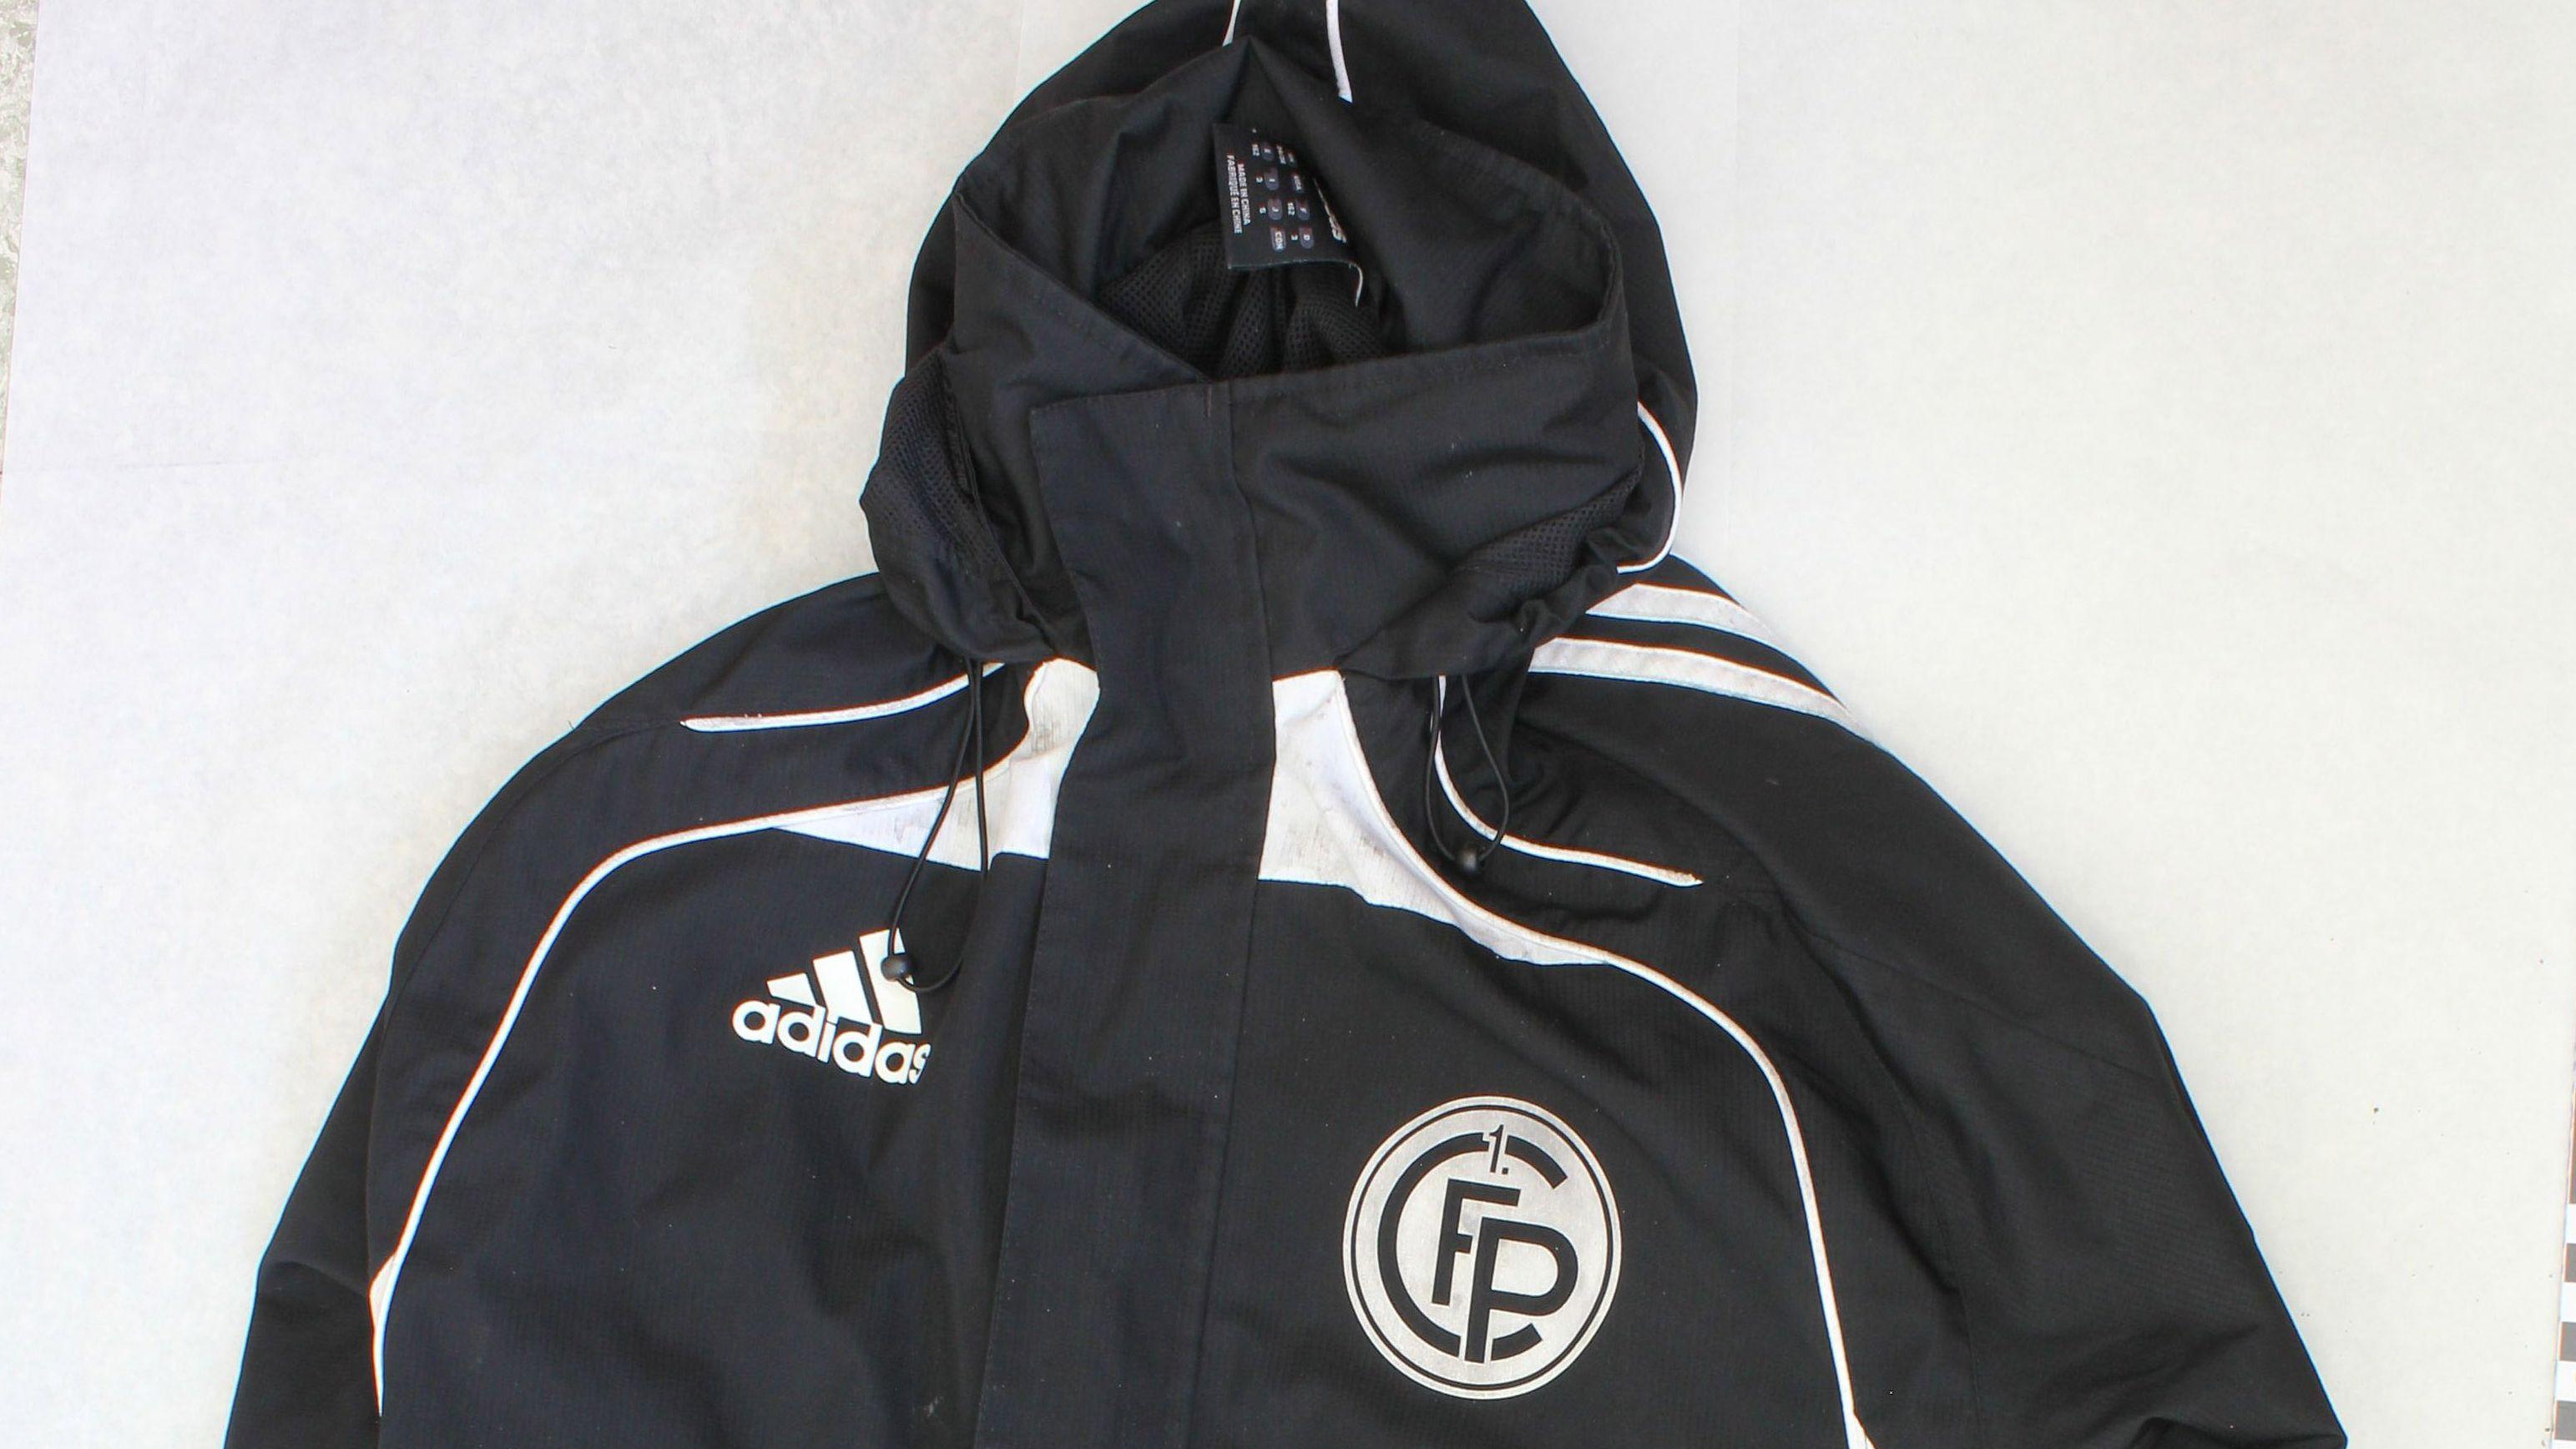 """Der Unbekannte trug eine schwarze Sport-/Trainingsjacke der Marke """"adidas"""", das Logo des 1. FC Passau ist darauf abgebildet."""